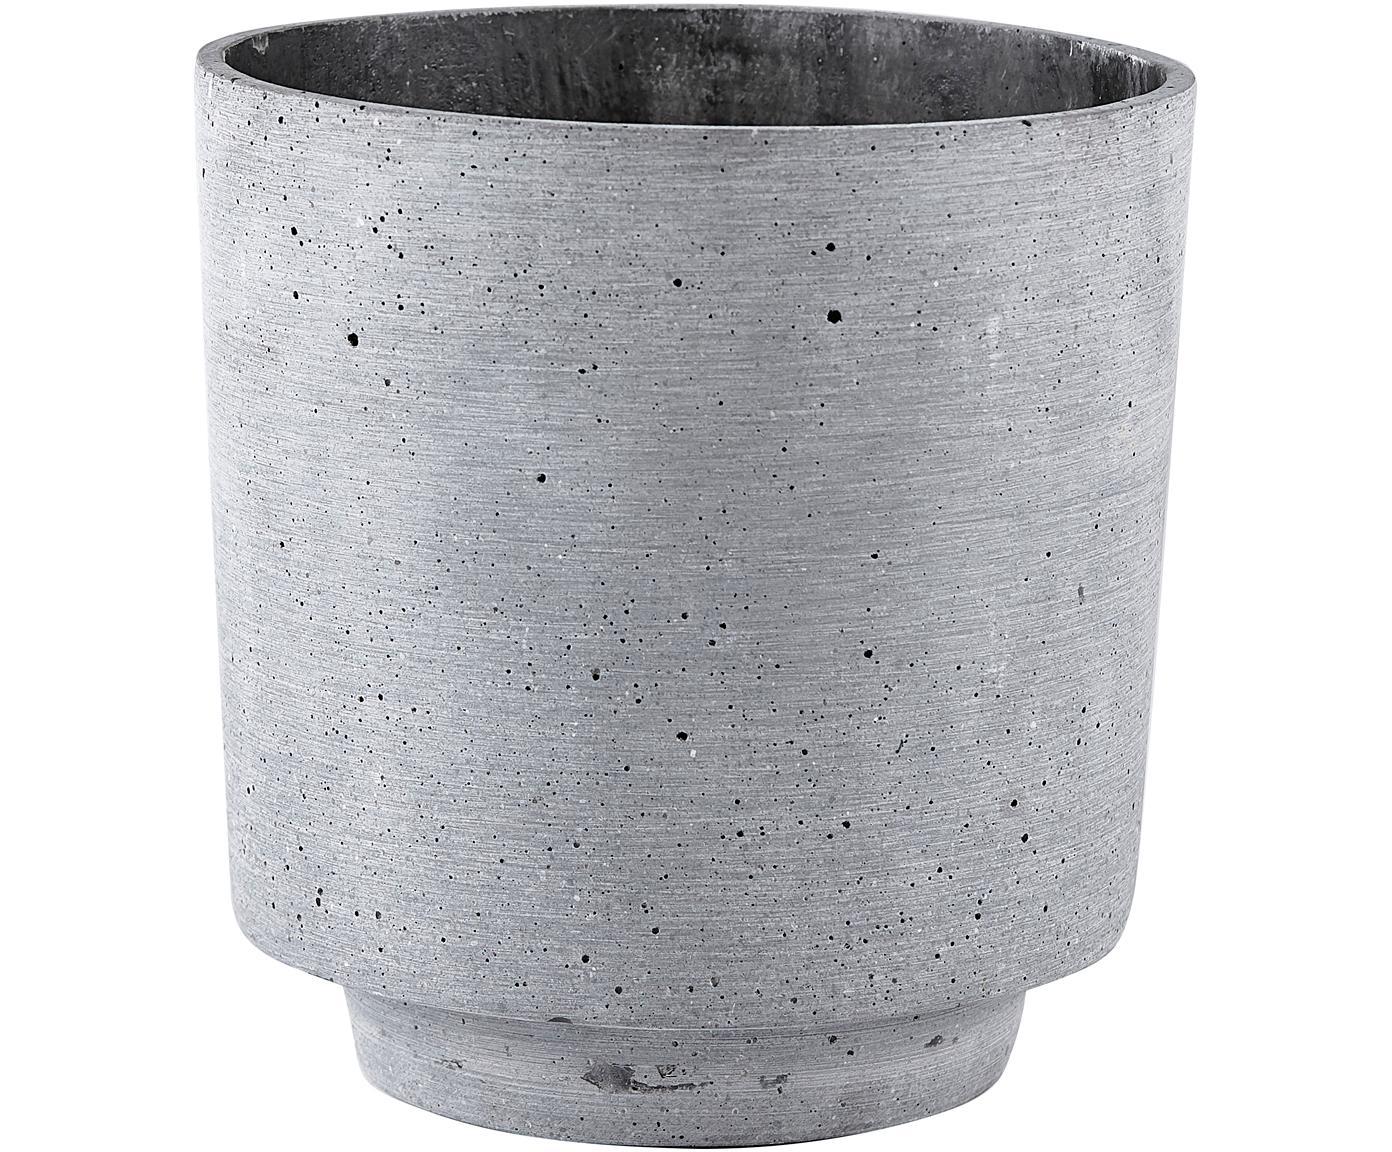 Übertopf Pola aus Kunstfaser, Kunstfaser, Grau, Ø 19 x H 19 cm